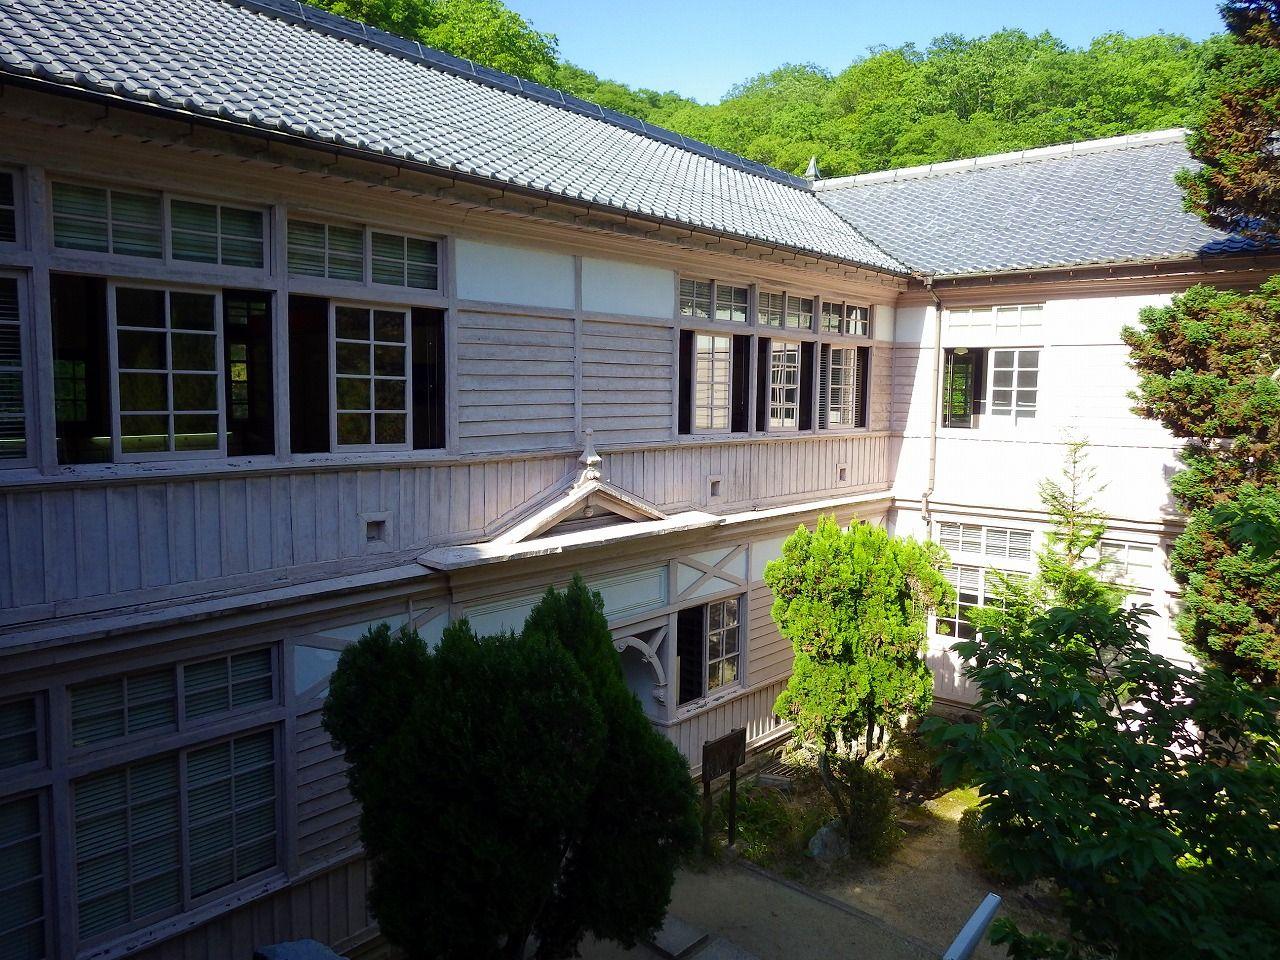 旧閑谷学校を知るならここ!木造校舎が懐かしい「閑谷学校資料館」